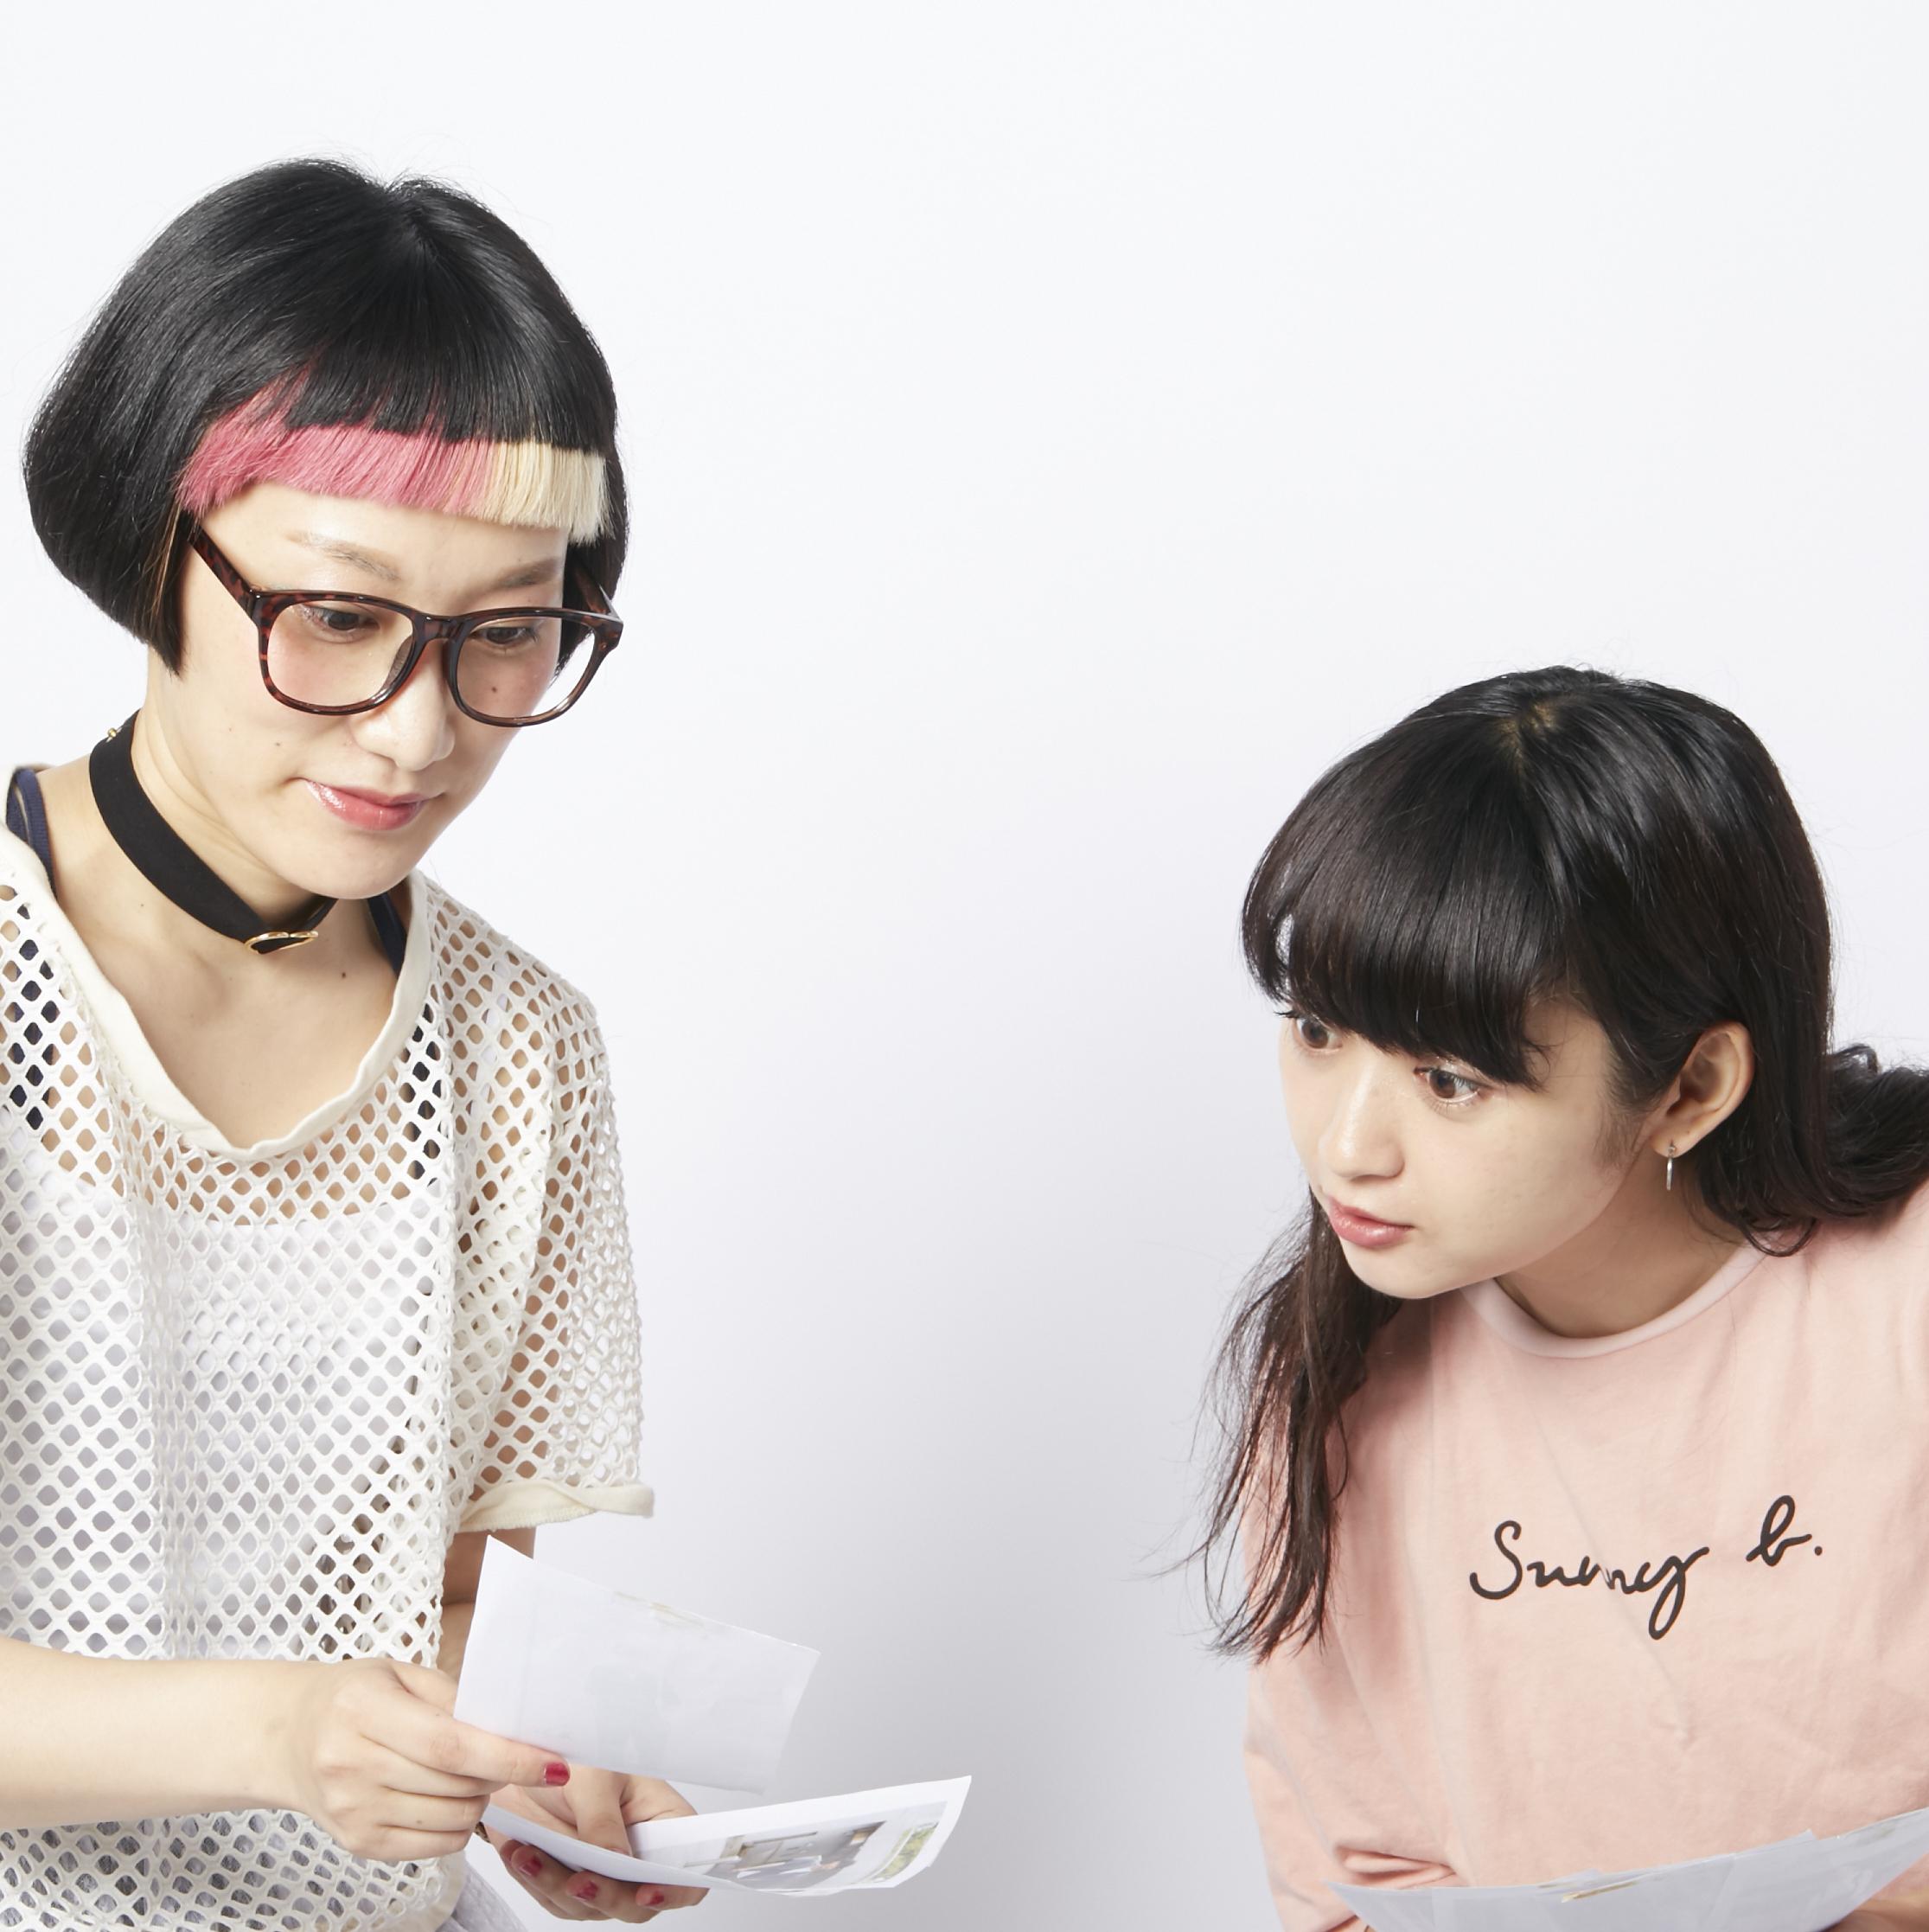 【SNAP実例】美女が選ぶ!全国のファッショニスタコーデ一覧!~福岡&総合編~